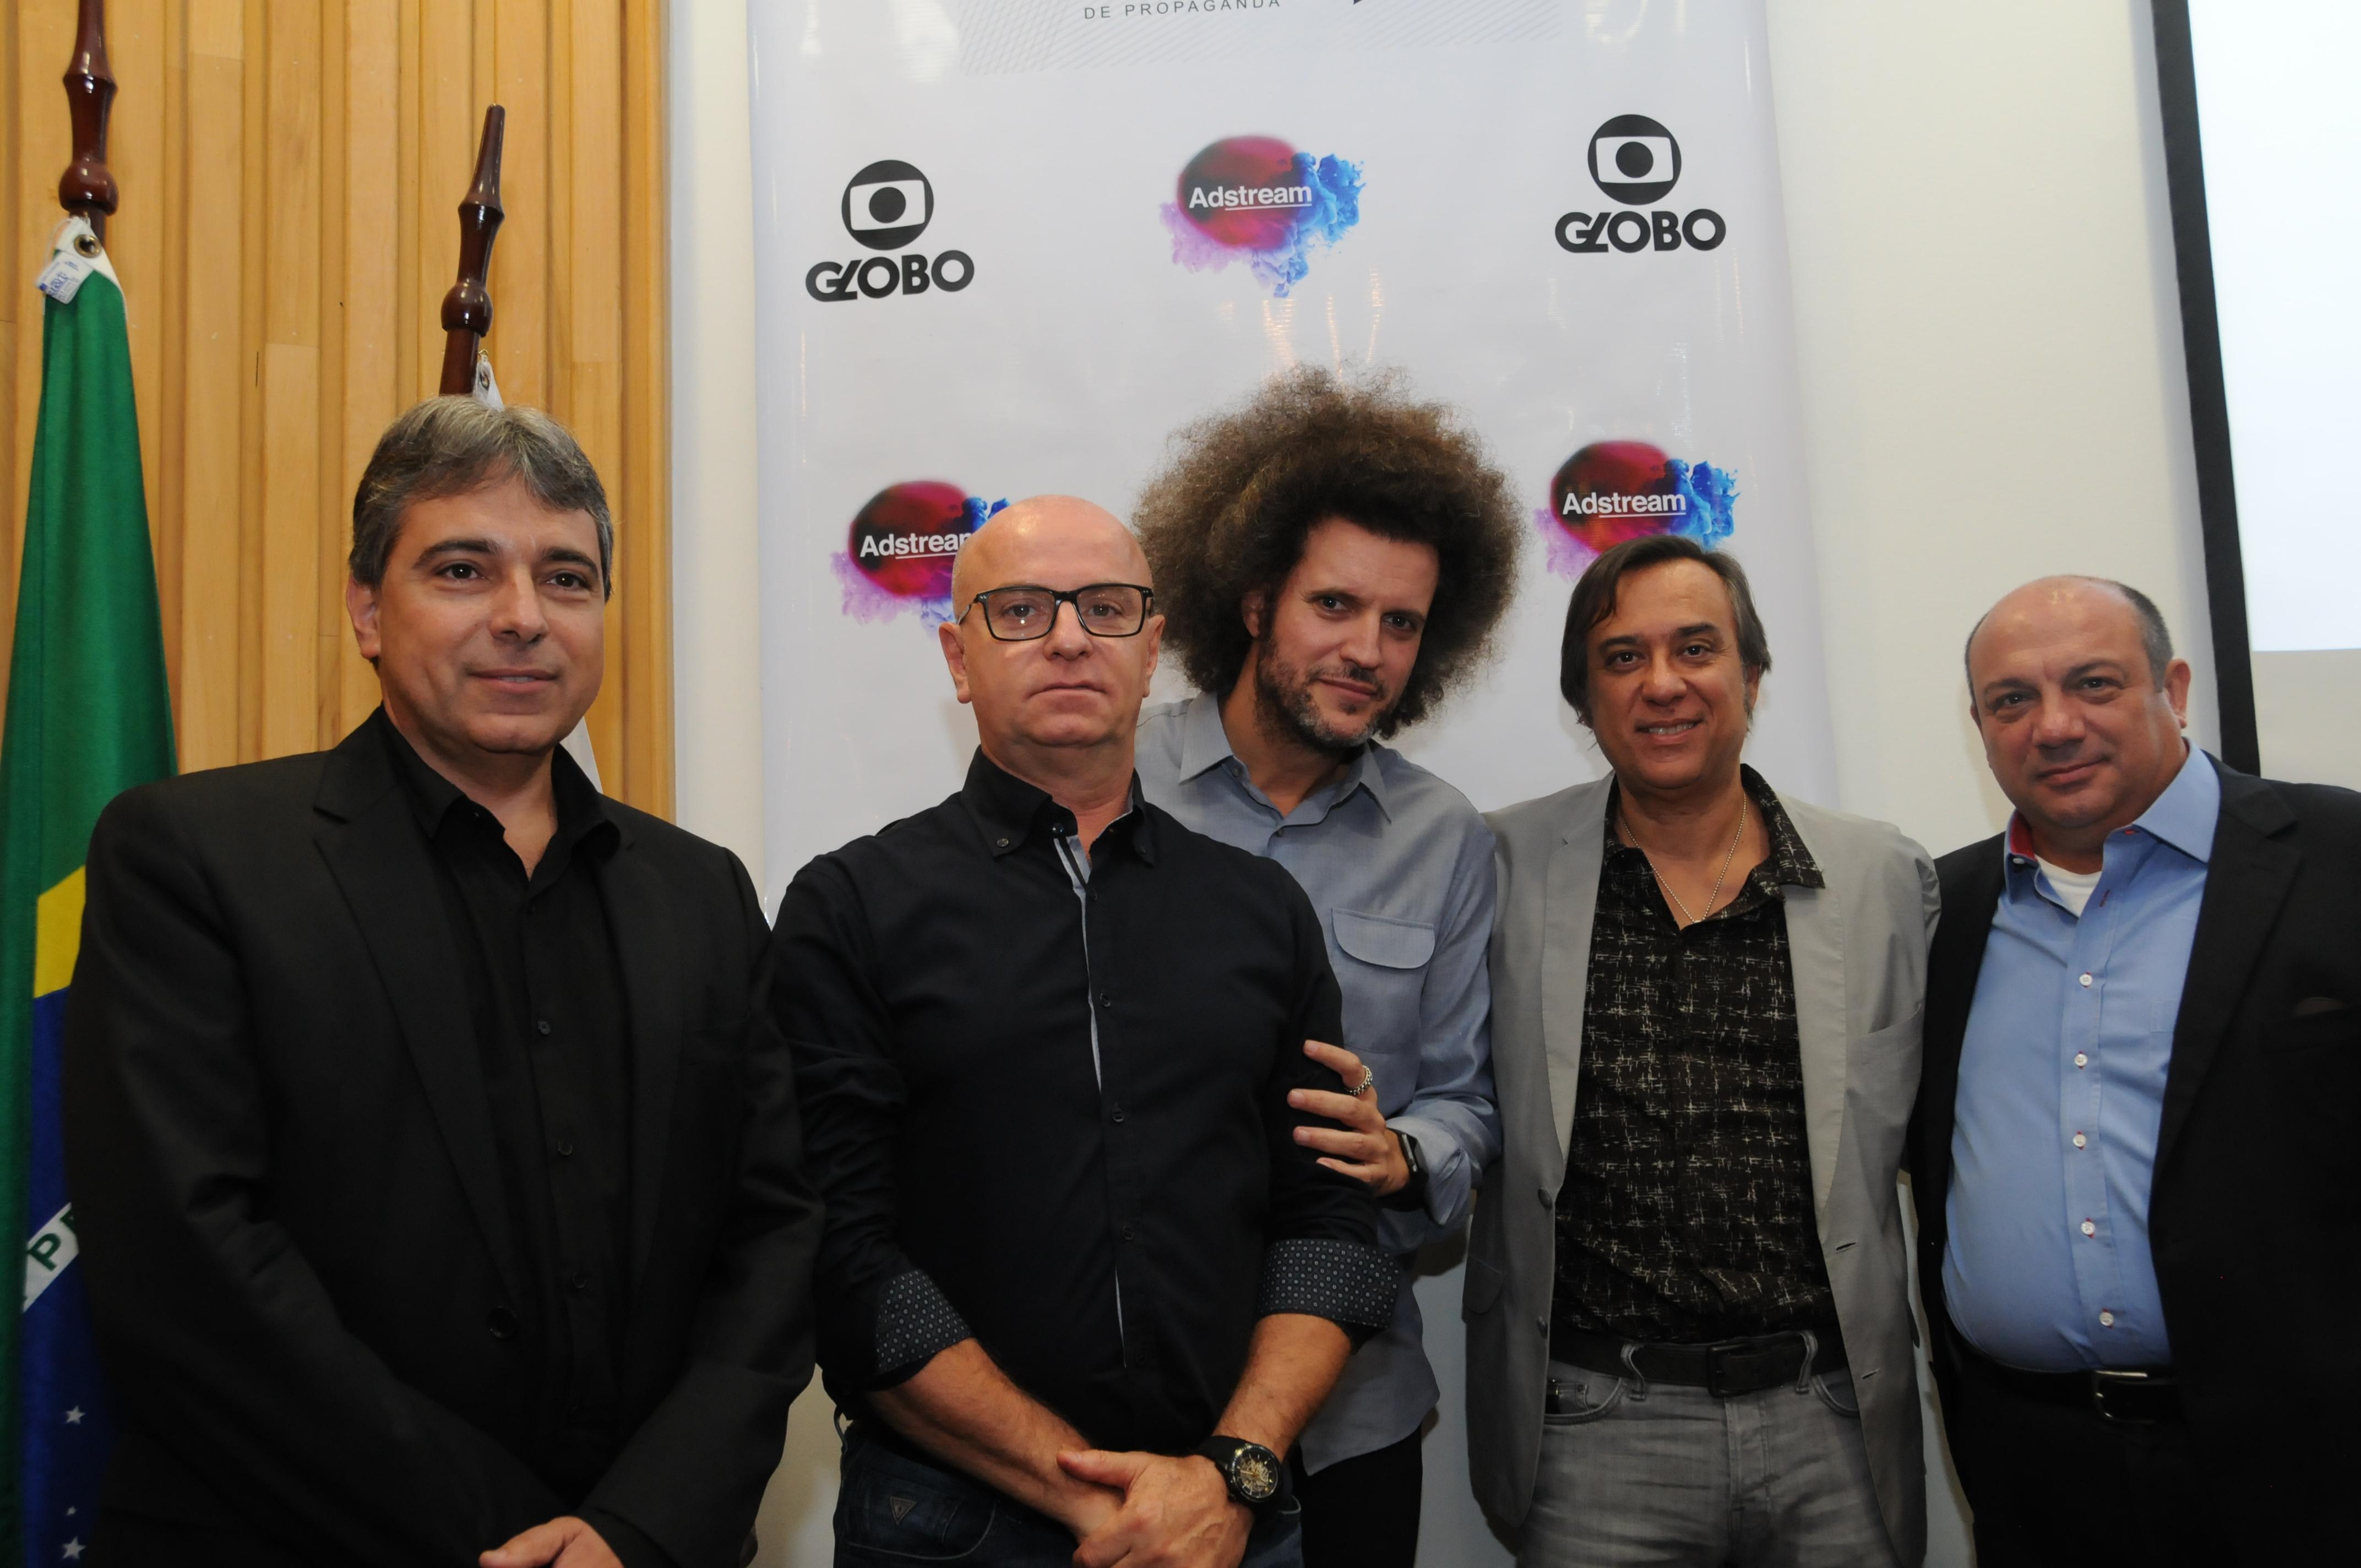 Renato Pereira (TV Globo/APP), Mario D'Andrea (Dentsu), Hugo Rodrigues (Publicis), Alexandre Gama (Neogama) e Ênio Vergeiro (Presidente da APP).